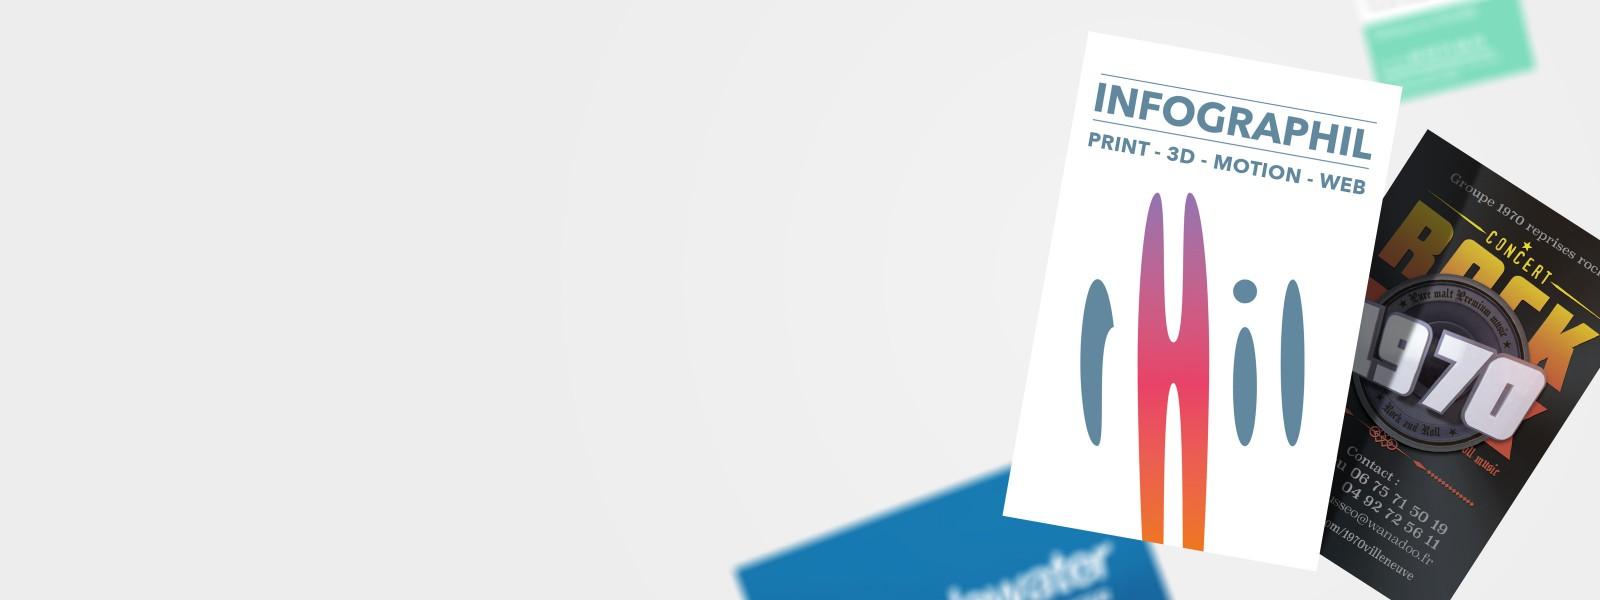 Visuel général pour la prestation print et édition